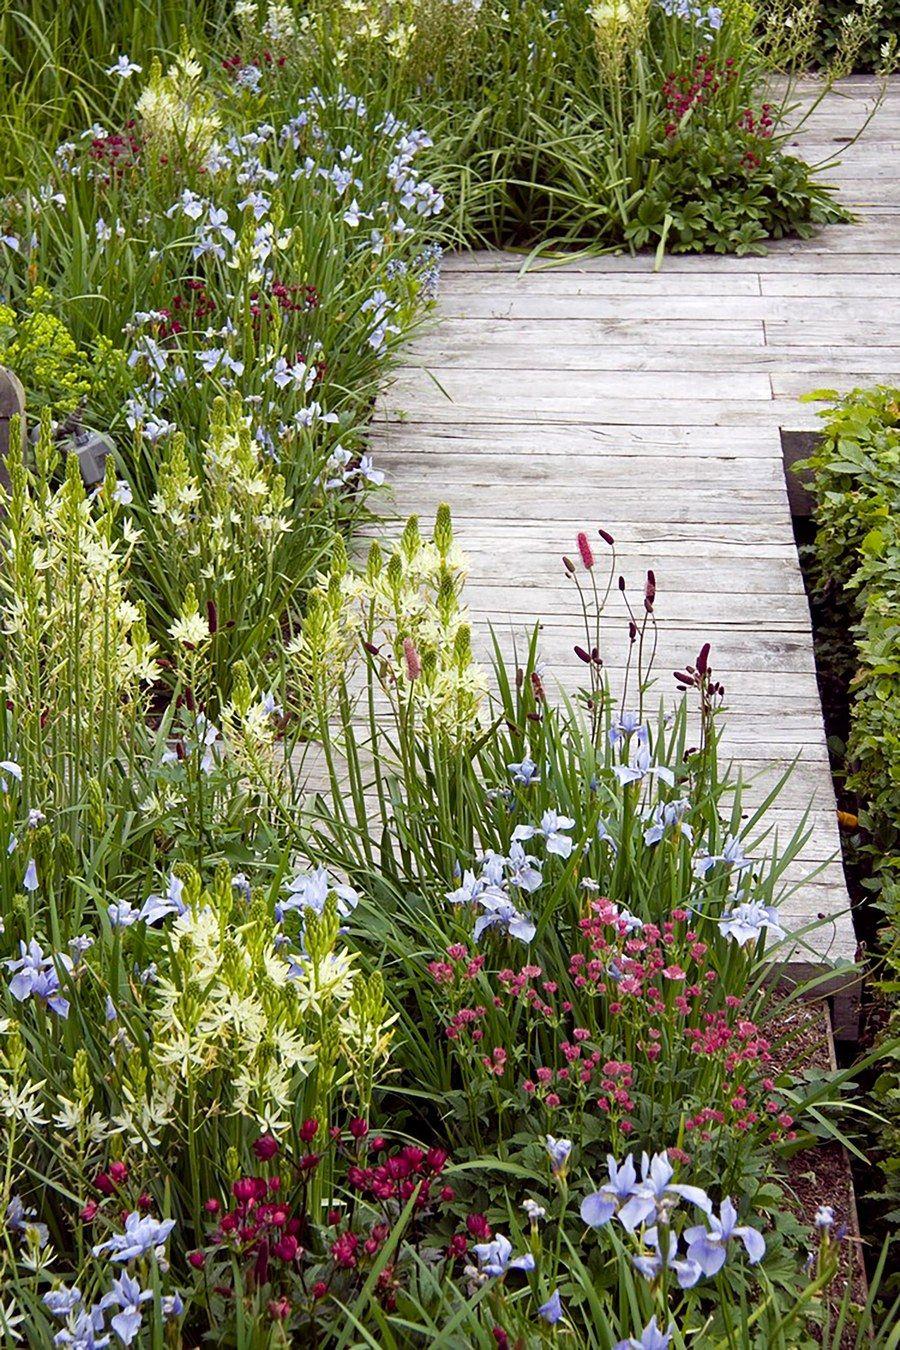 Les Jardin De sologne Génial 2692 Best Gardens Images In 2020 Of 65 Frais Les Jardin De sologne